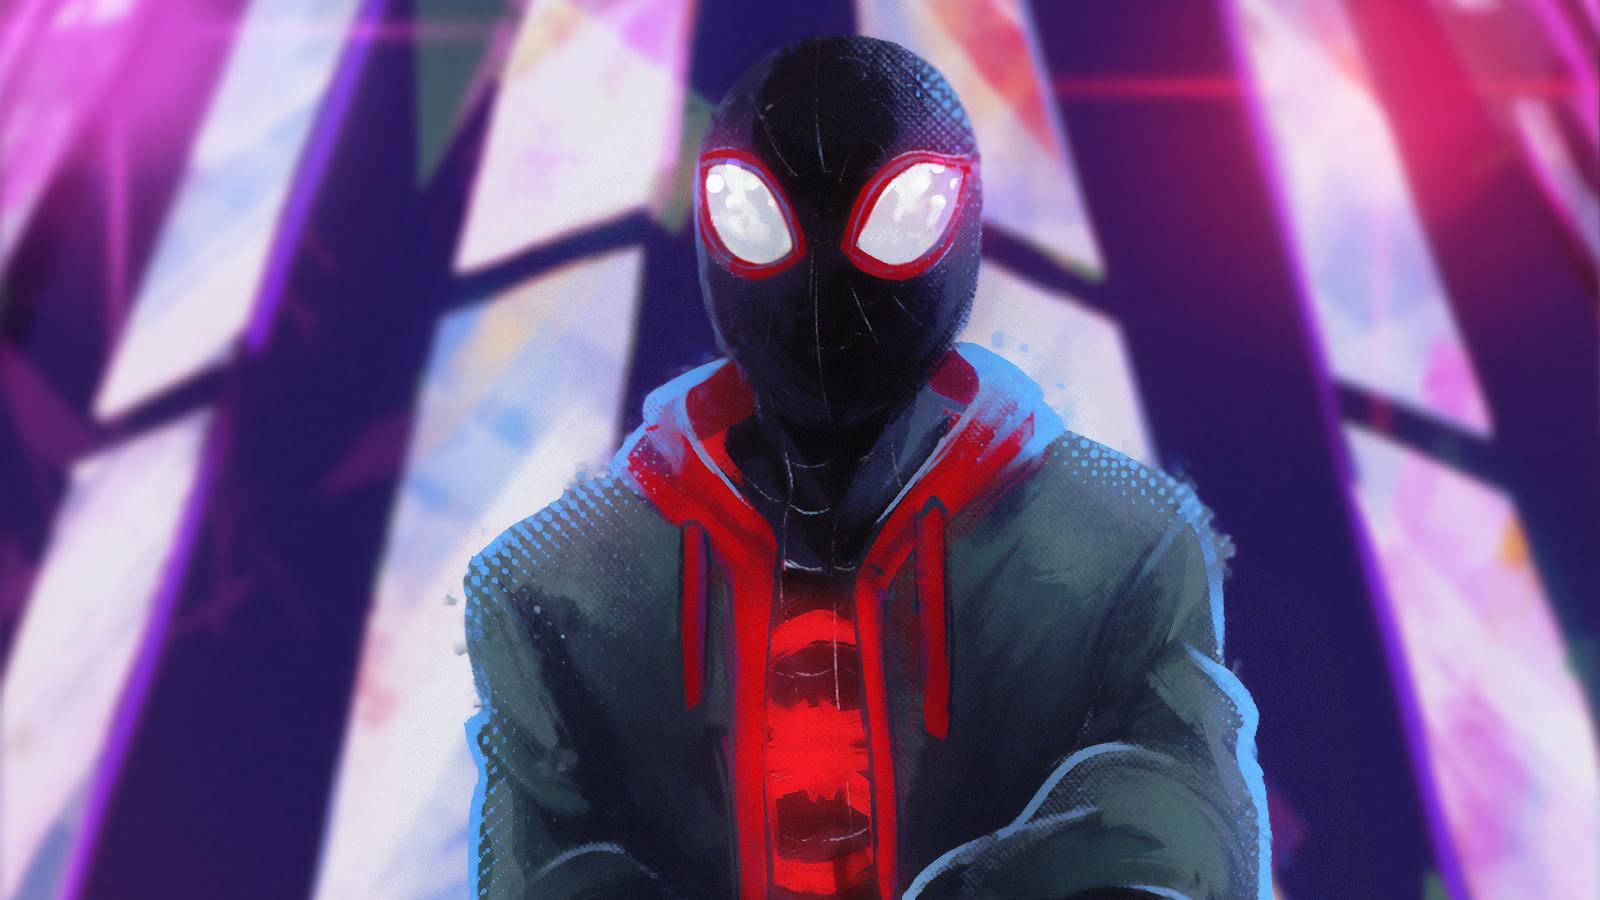 spider-verse-new-art-4k-jv.jpg